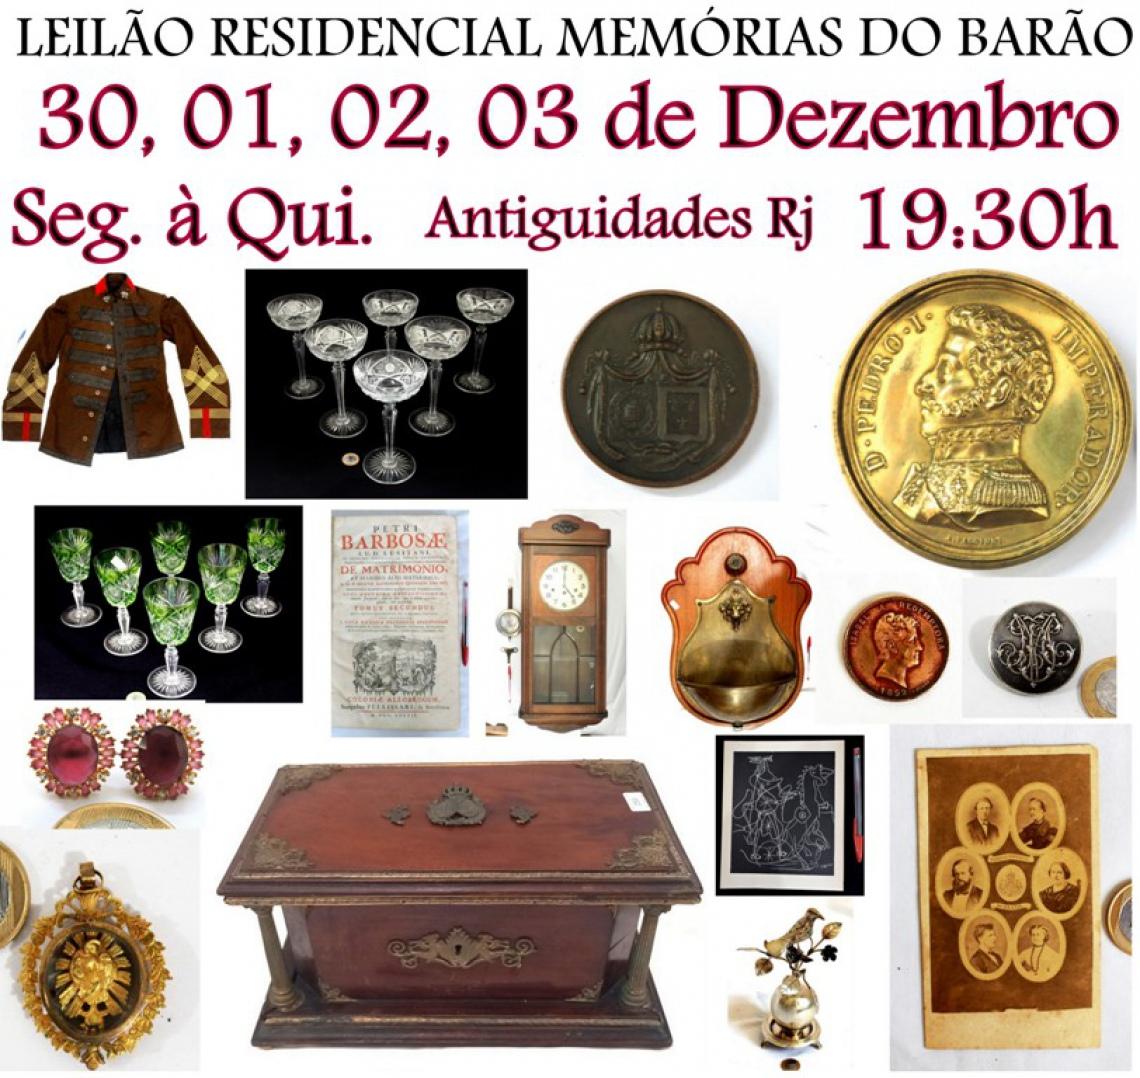 2º LEILÃO RESIDENCIAL MEMÓRIAS DO BARÃO ANTIGUIDADES RJ